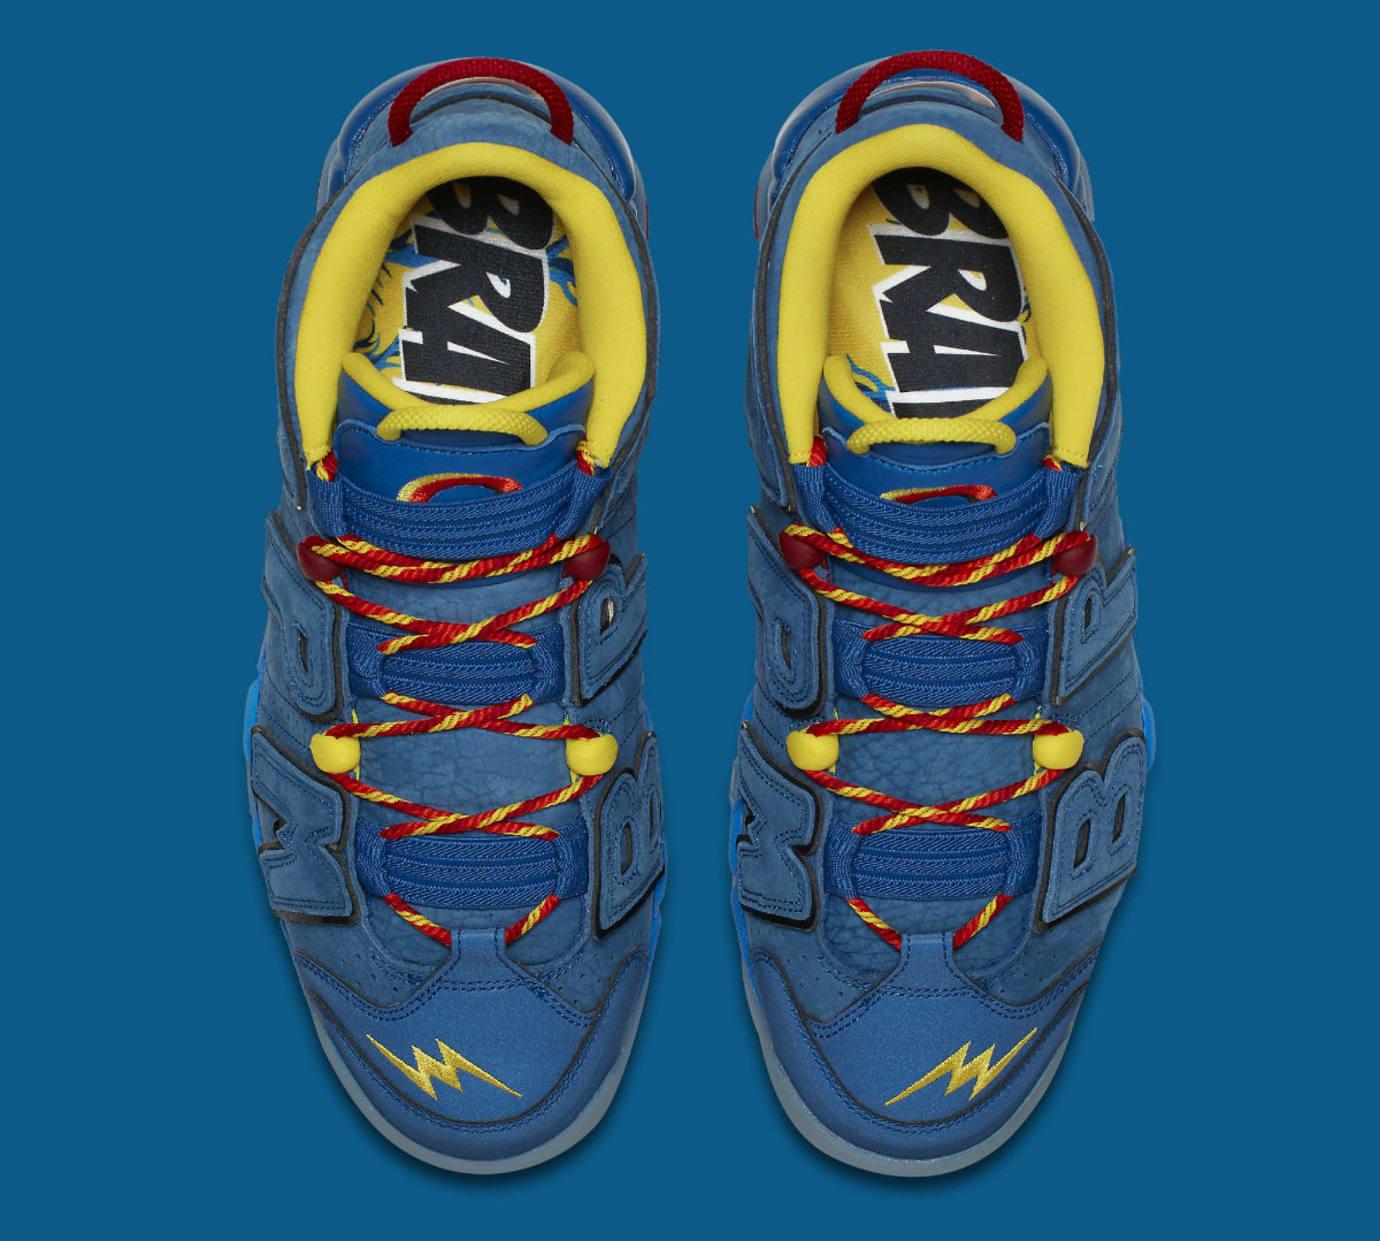 Nike Air More Uptempo Doernbecher Release Date AH6949-446 Top